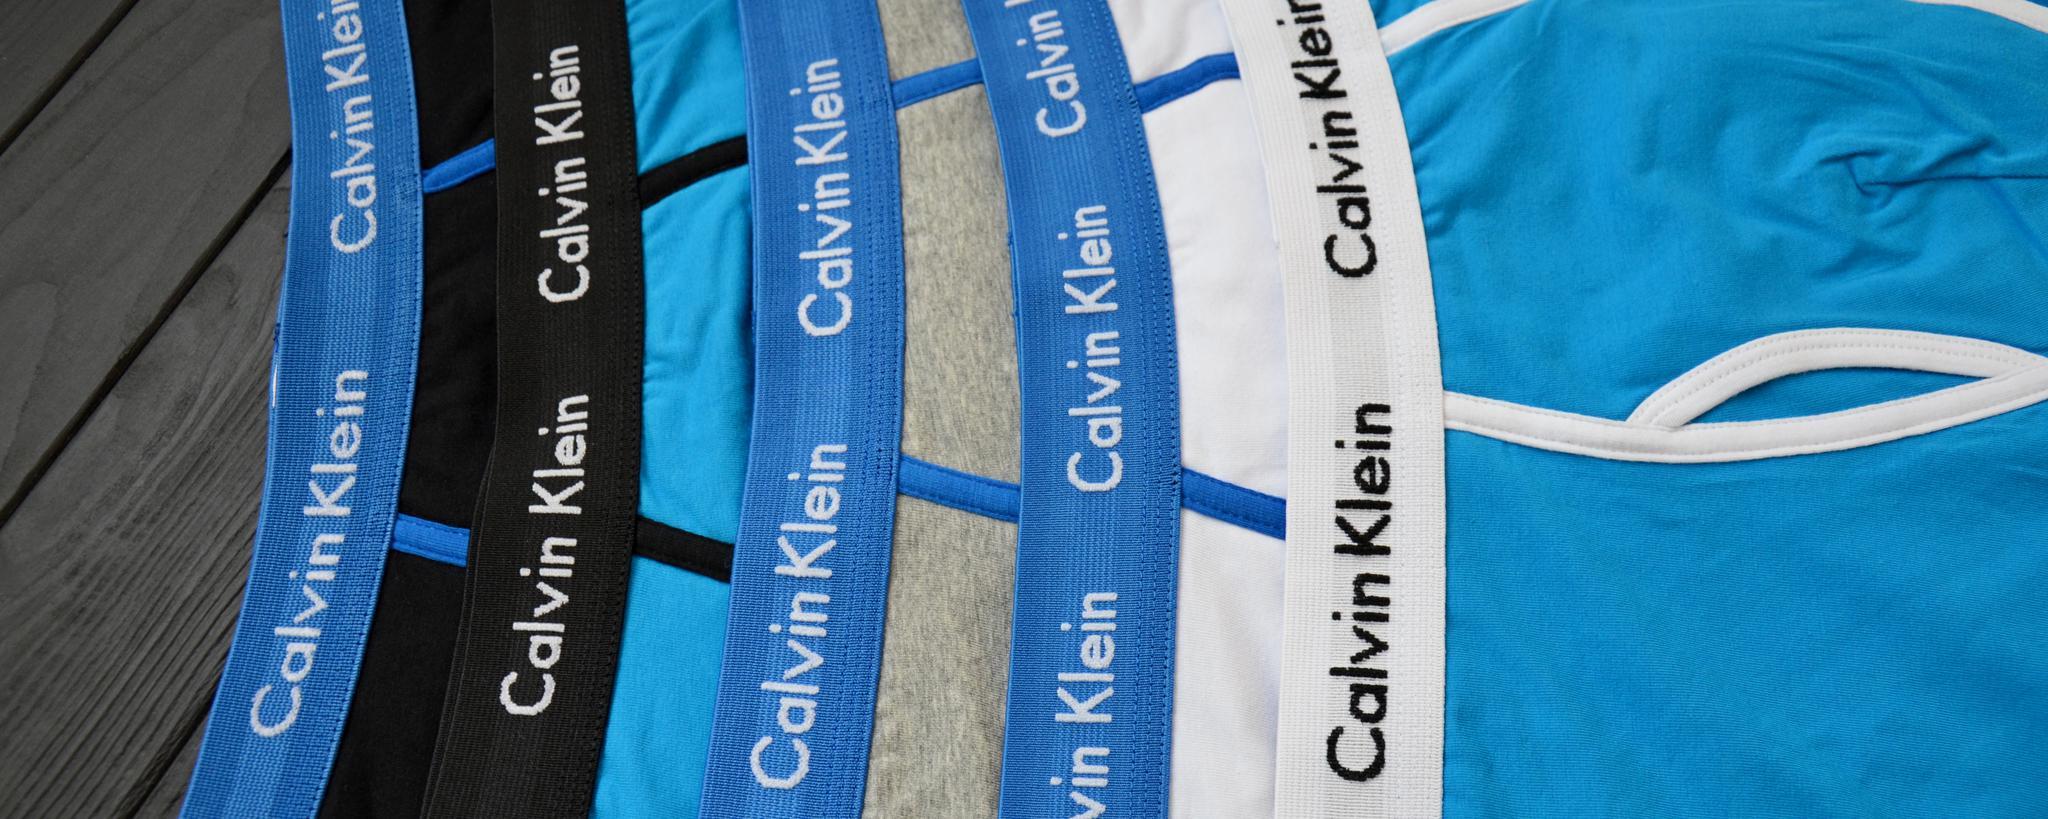 Подарочные наборы нижнего белья Calvin Klein. Товары и услуги ... 40cca794362